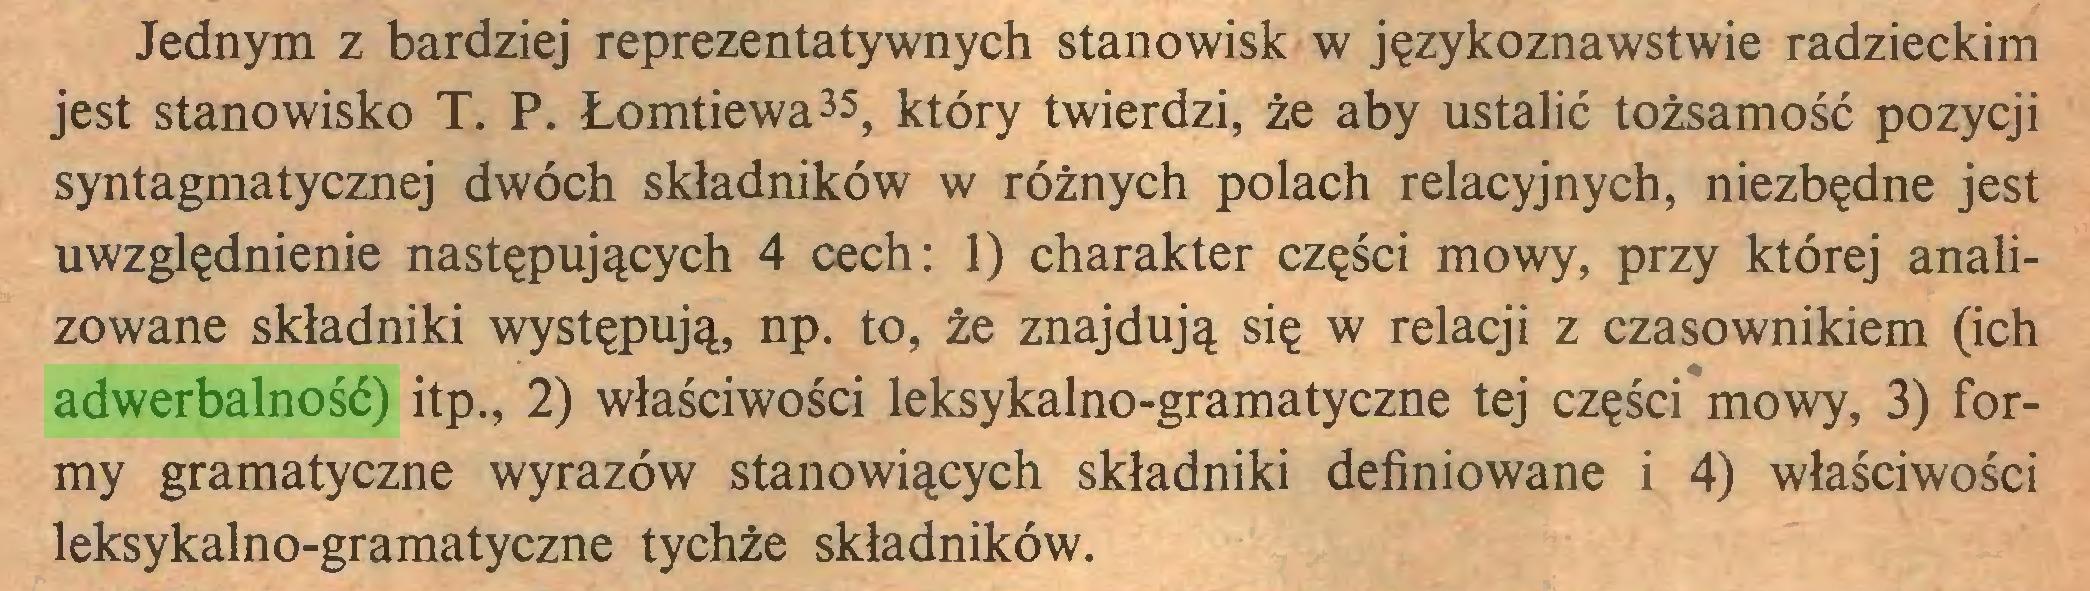 (...) Jednym z bardziej reprezentatywnych stanowisk w językoznawstwie radzieckim jest stanowisko T. P. Łomtiewa35, który twierdzi, że aby ustalić tożsamość pozycji syntagmatycznej dwóch składników w różnych polach relacyjnych, niezbędne jest uwzględnienie następujących 4 cech: 1) charakter części mowy, przy której analizowane składniki występują, np. to, że znajdują się w relacji z czasownikiem (ich adwerbalność) itp., 2) właściwości leksykalno-gramatyczne tej części mowy, 3) formy gramatyczne wyrazów stanowiących składniki definiowane i 4) właściwości leksykalno-gramatyczne tychże składników...